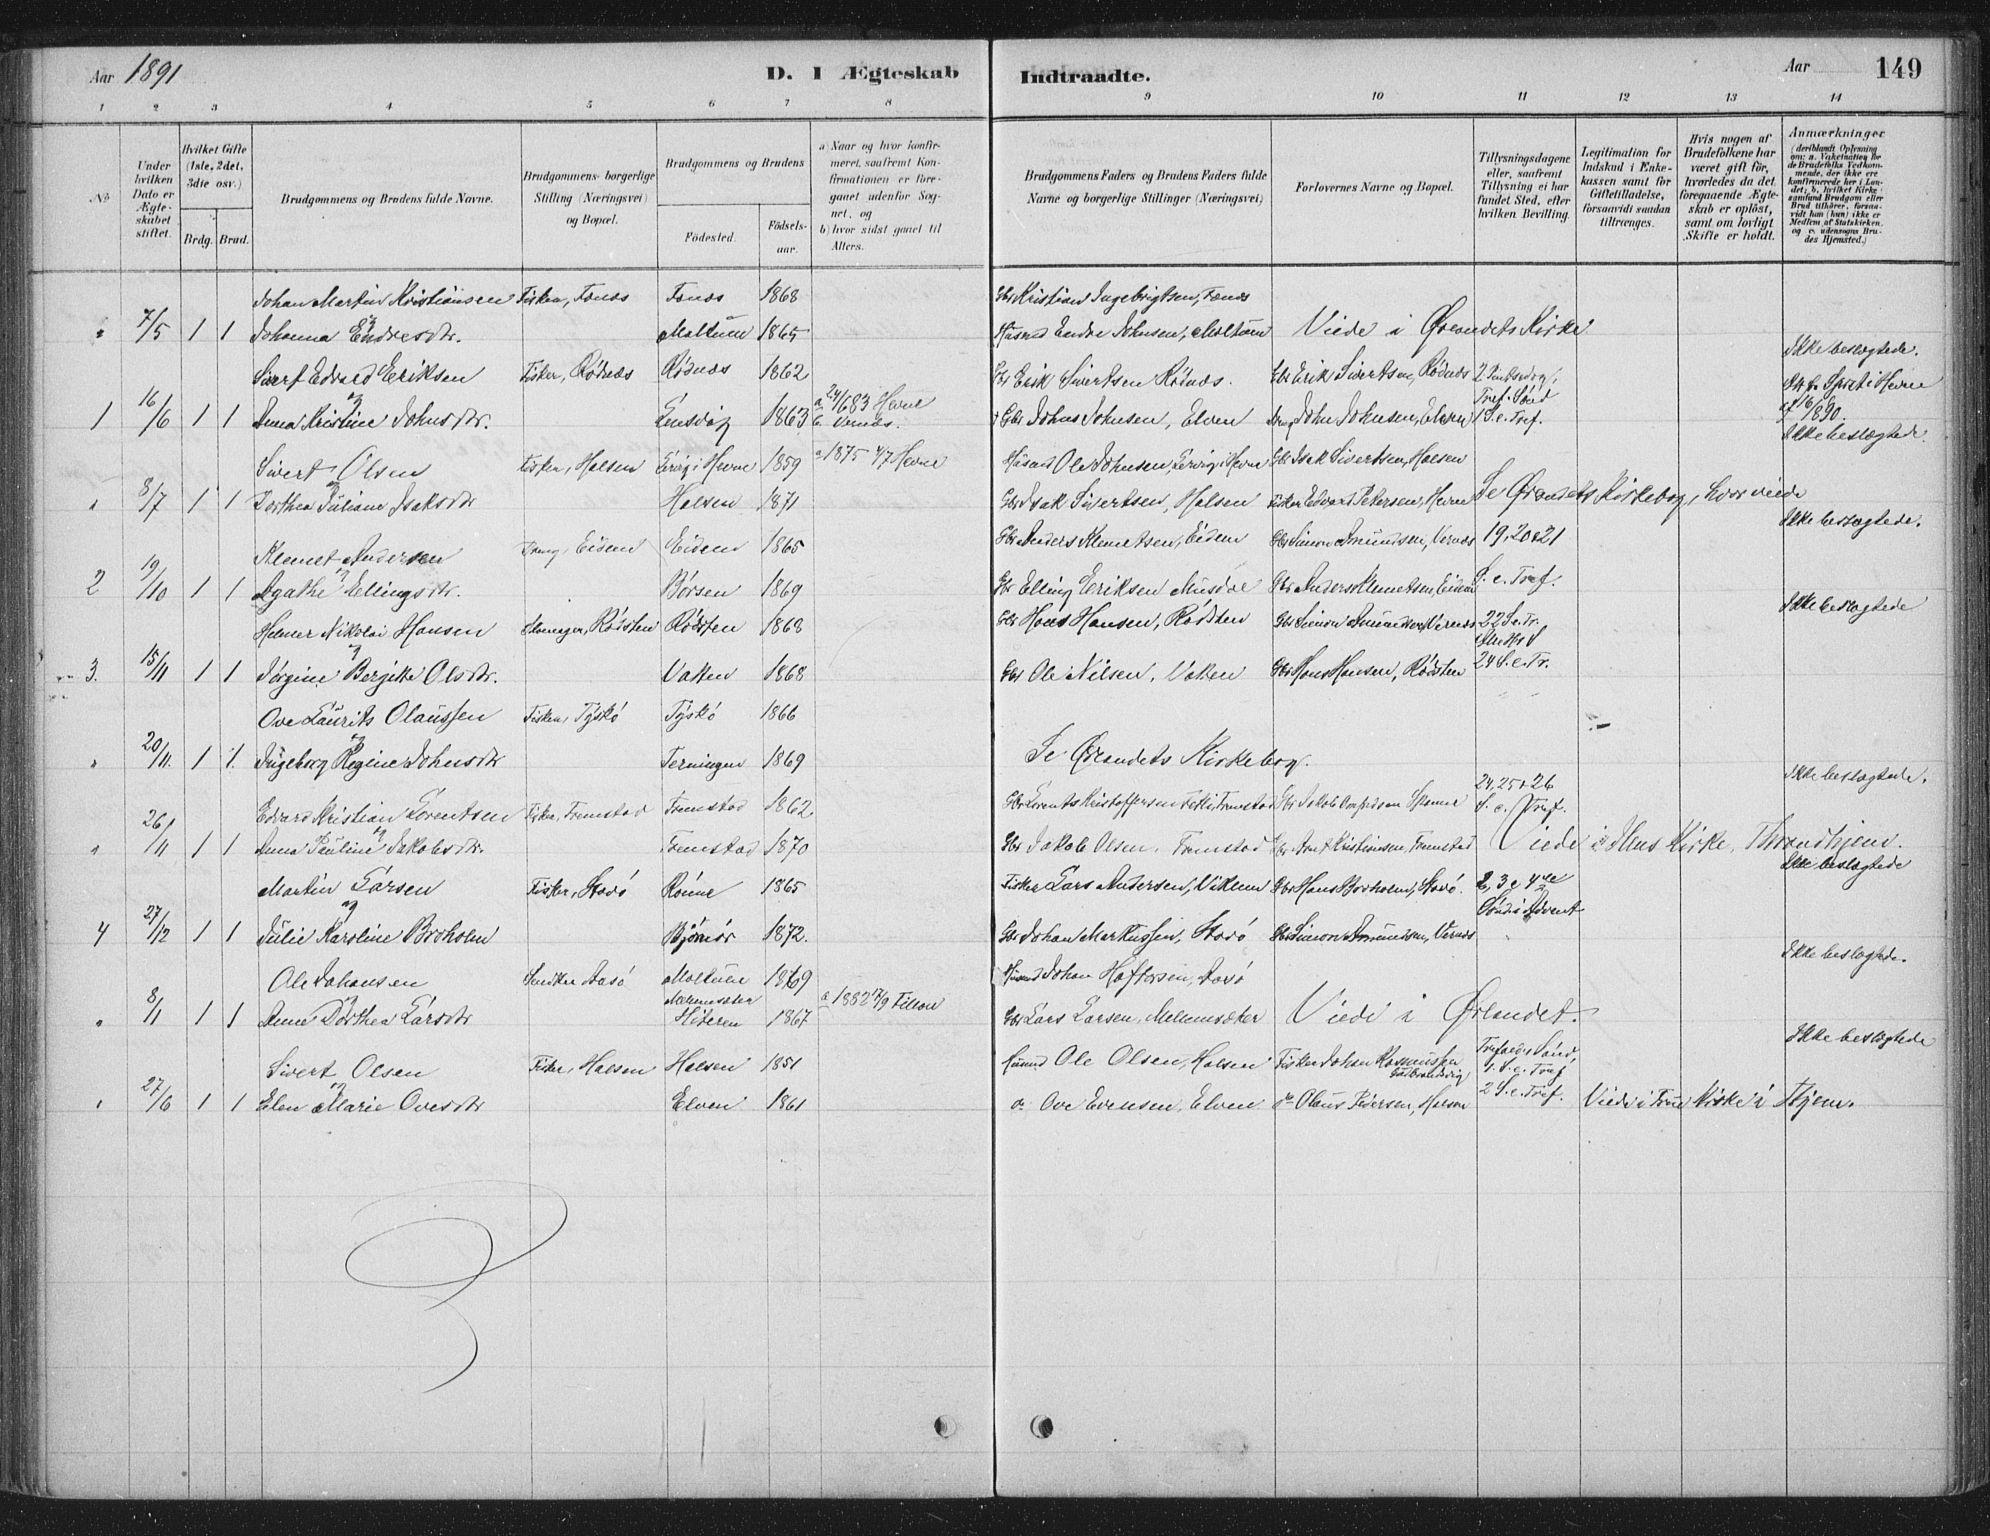 SAT, Ministerialprotokoller, klokkerbøker og fødselsregistre - Sør-Trøndelag, 662/L0755: Ministerialbok nr. 662A01, 1879-1905, s. 149